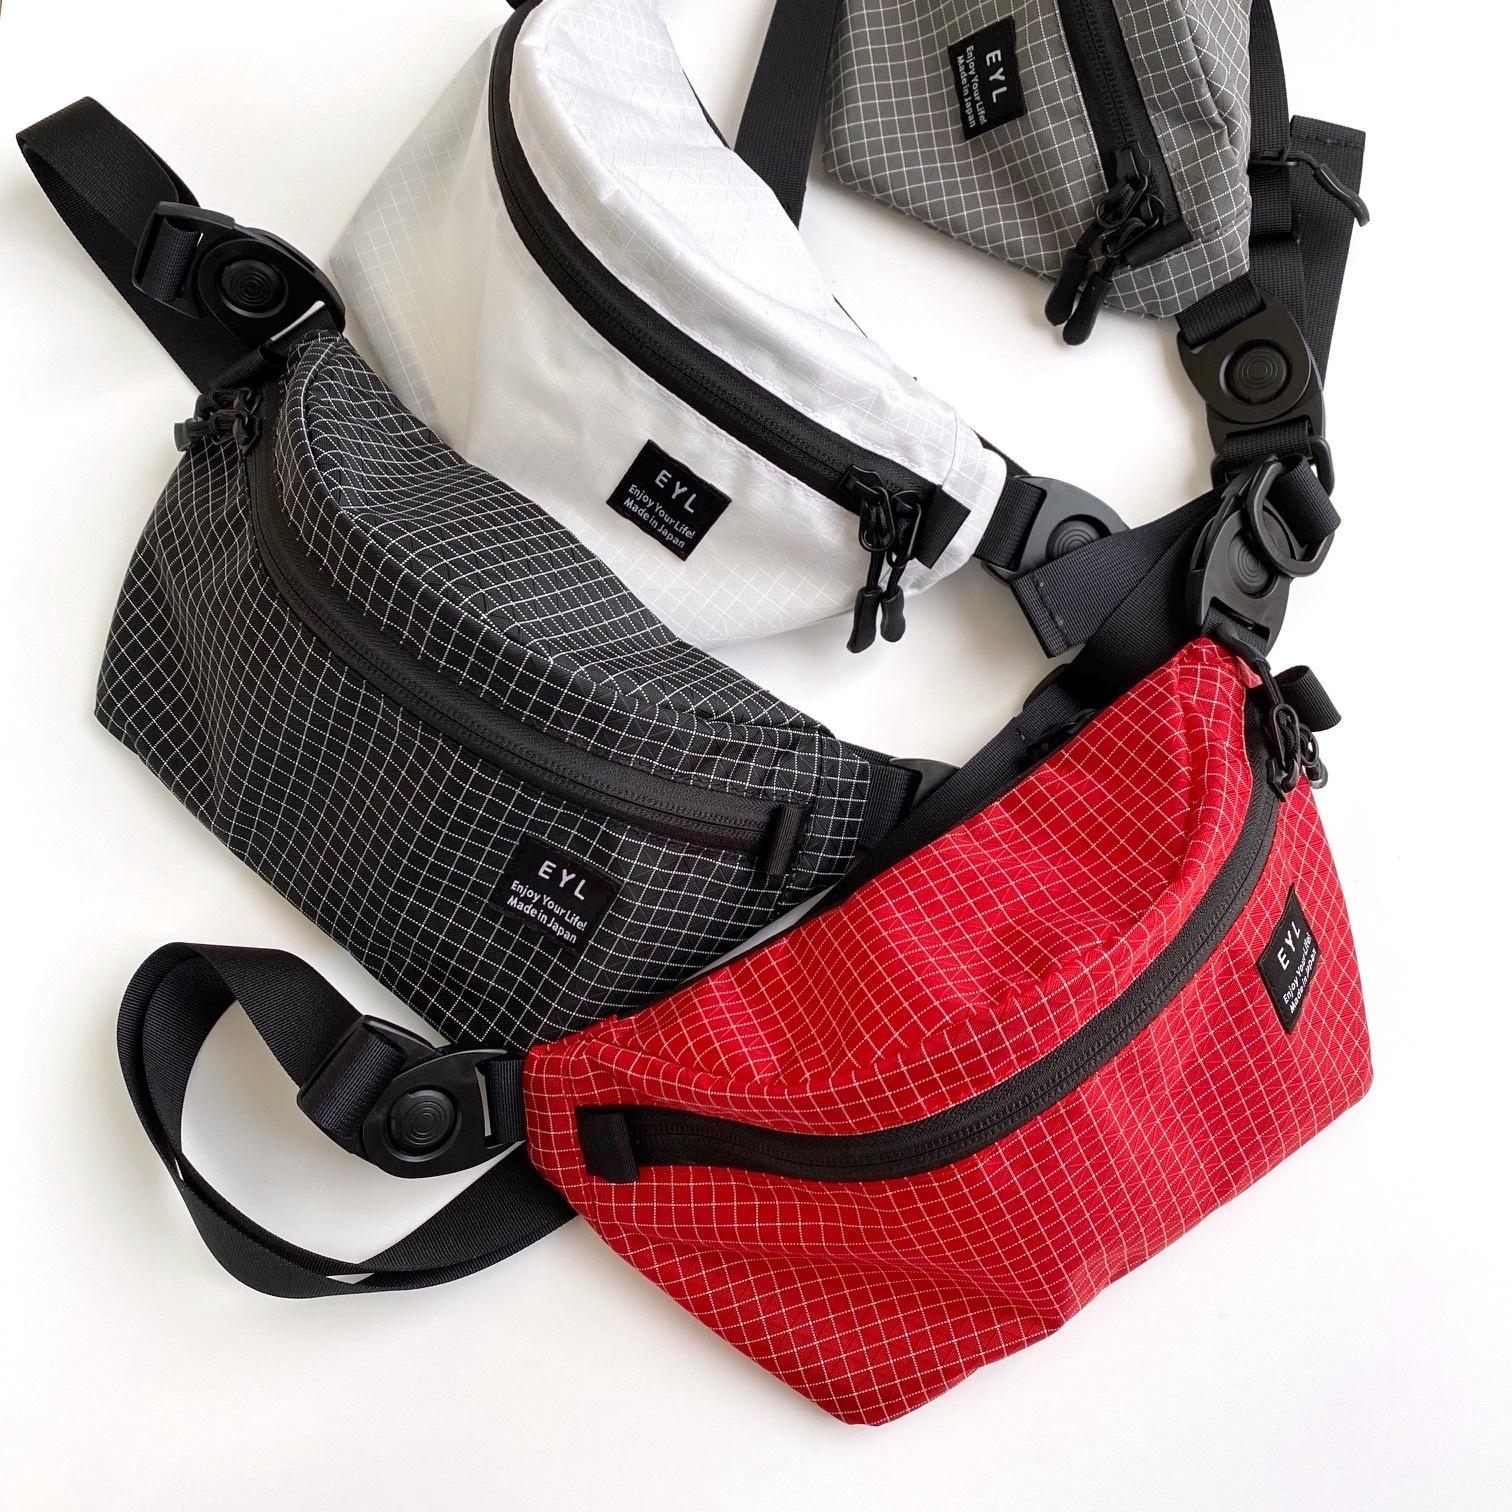 EYL / WAIST BAG(DYNEEMA X-GRID)